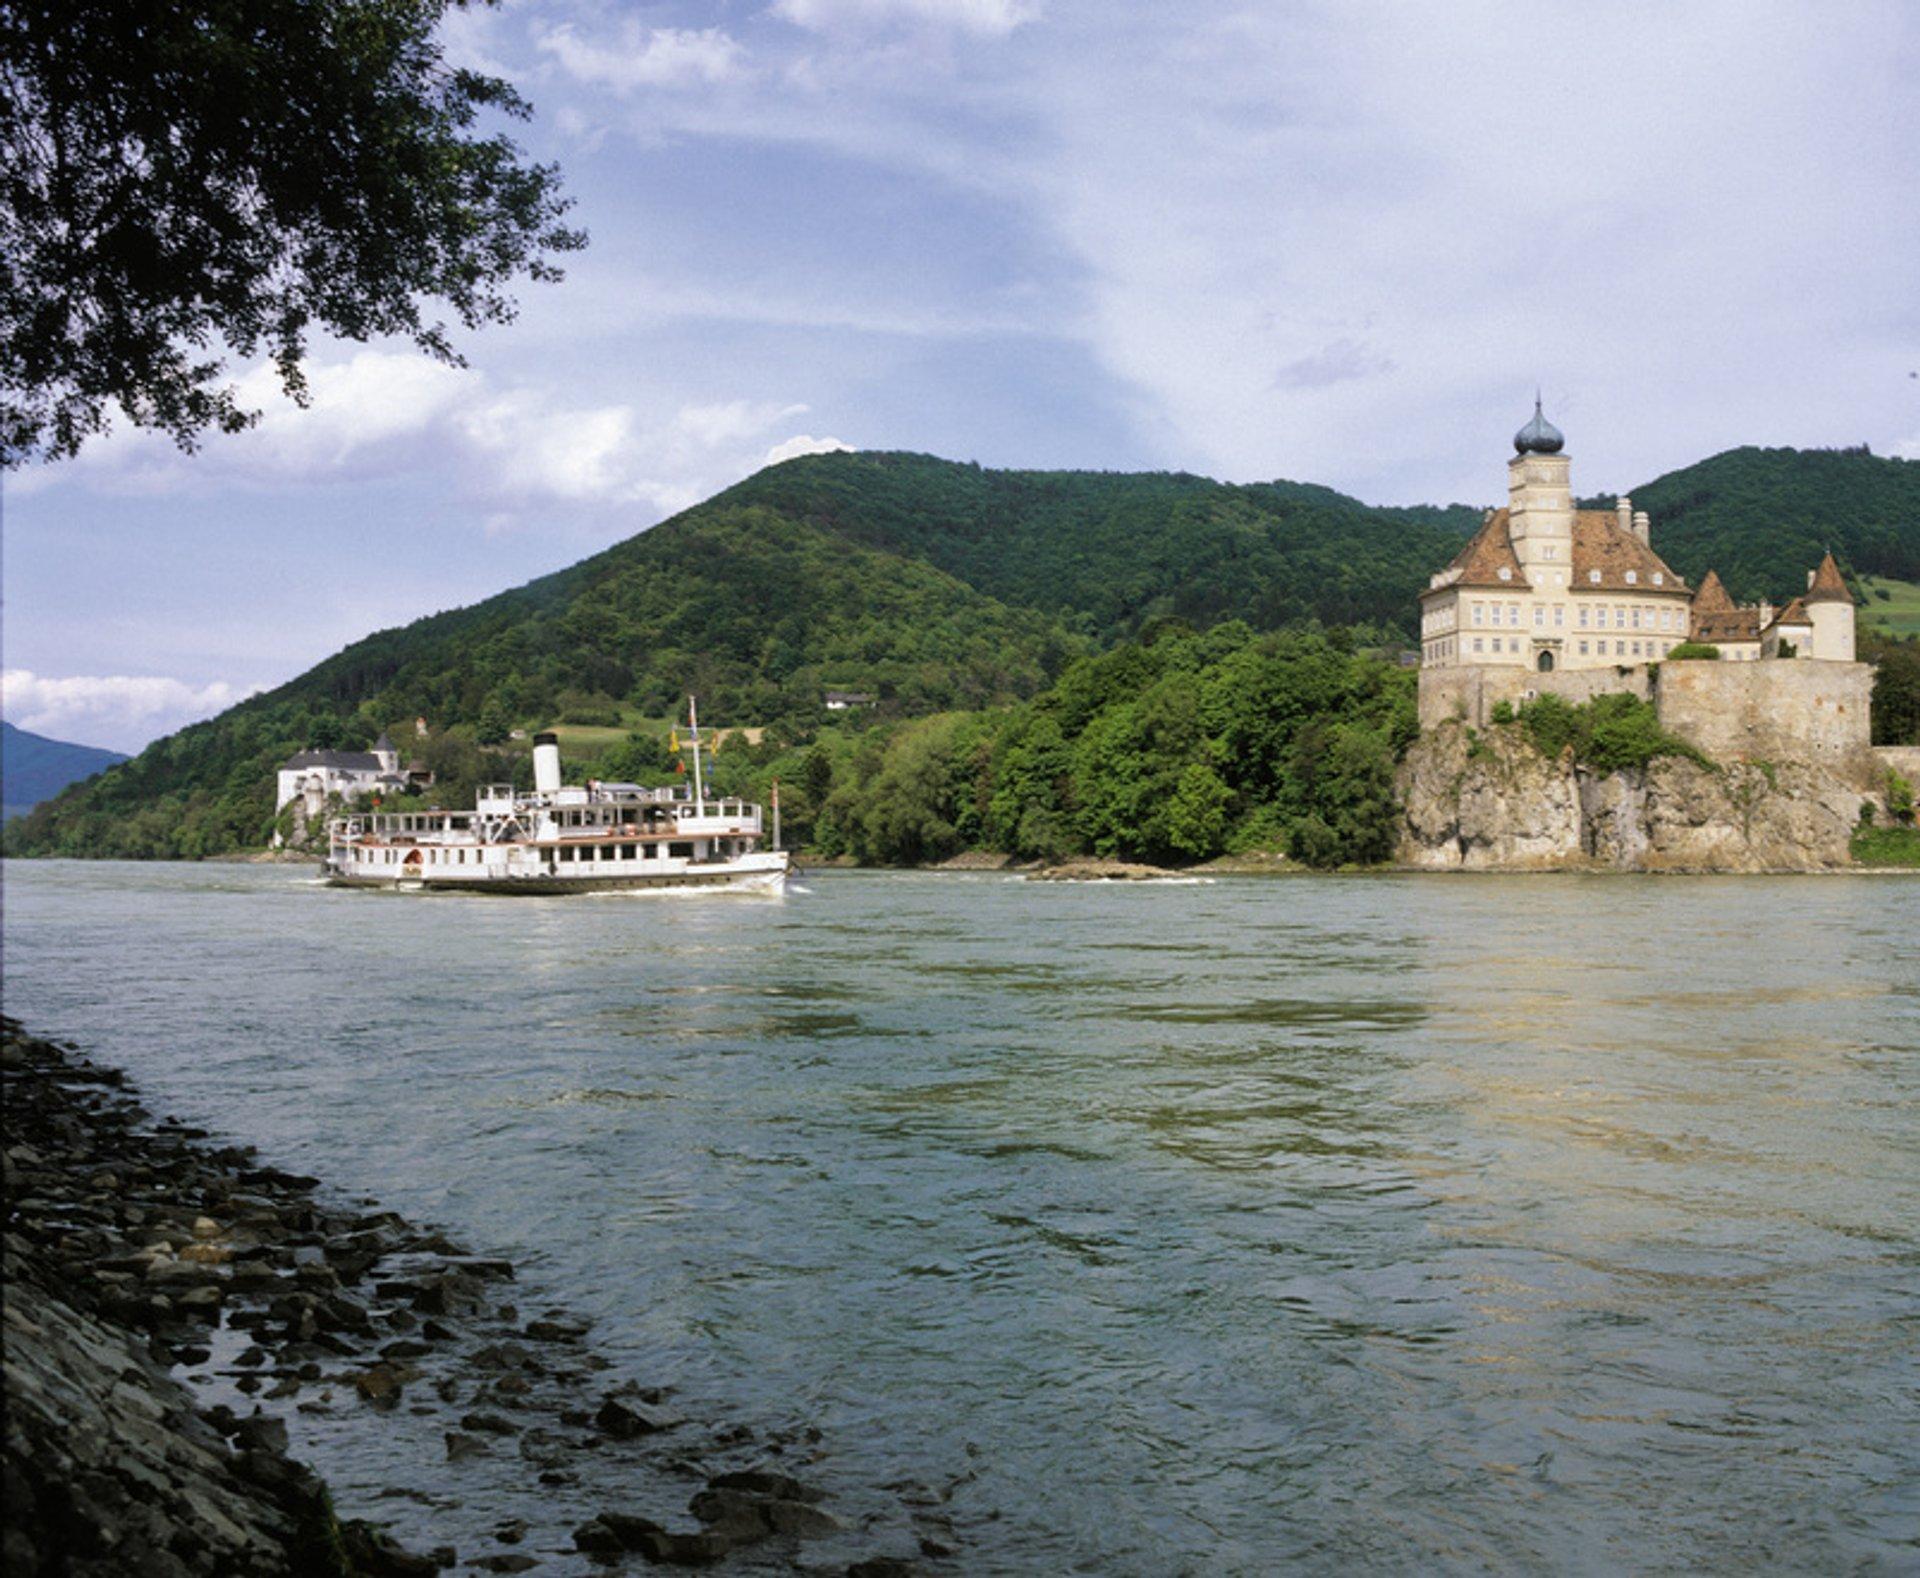 Danube Boat Trip in Austria 2020 - Best Time